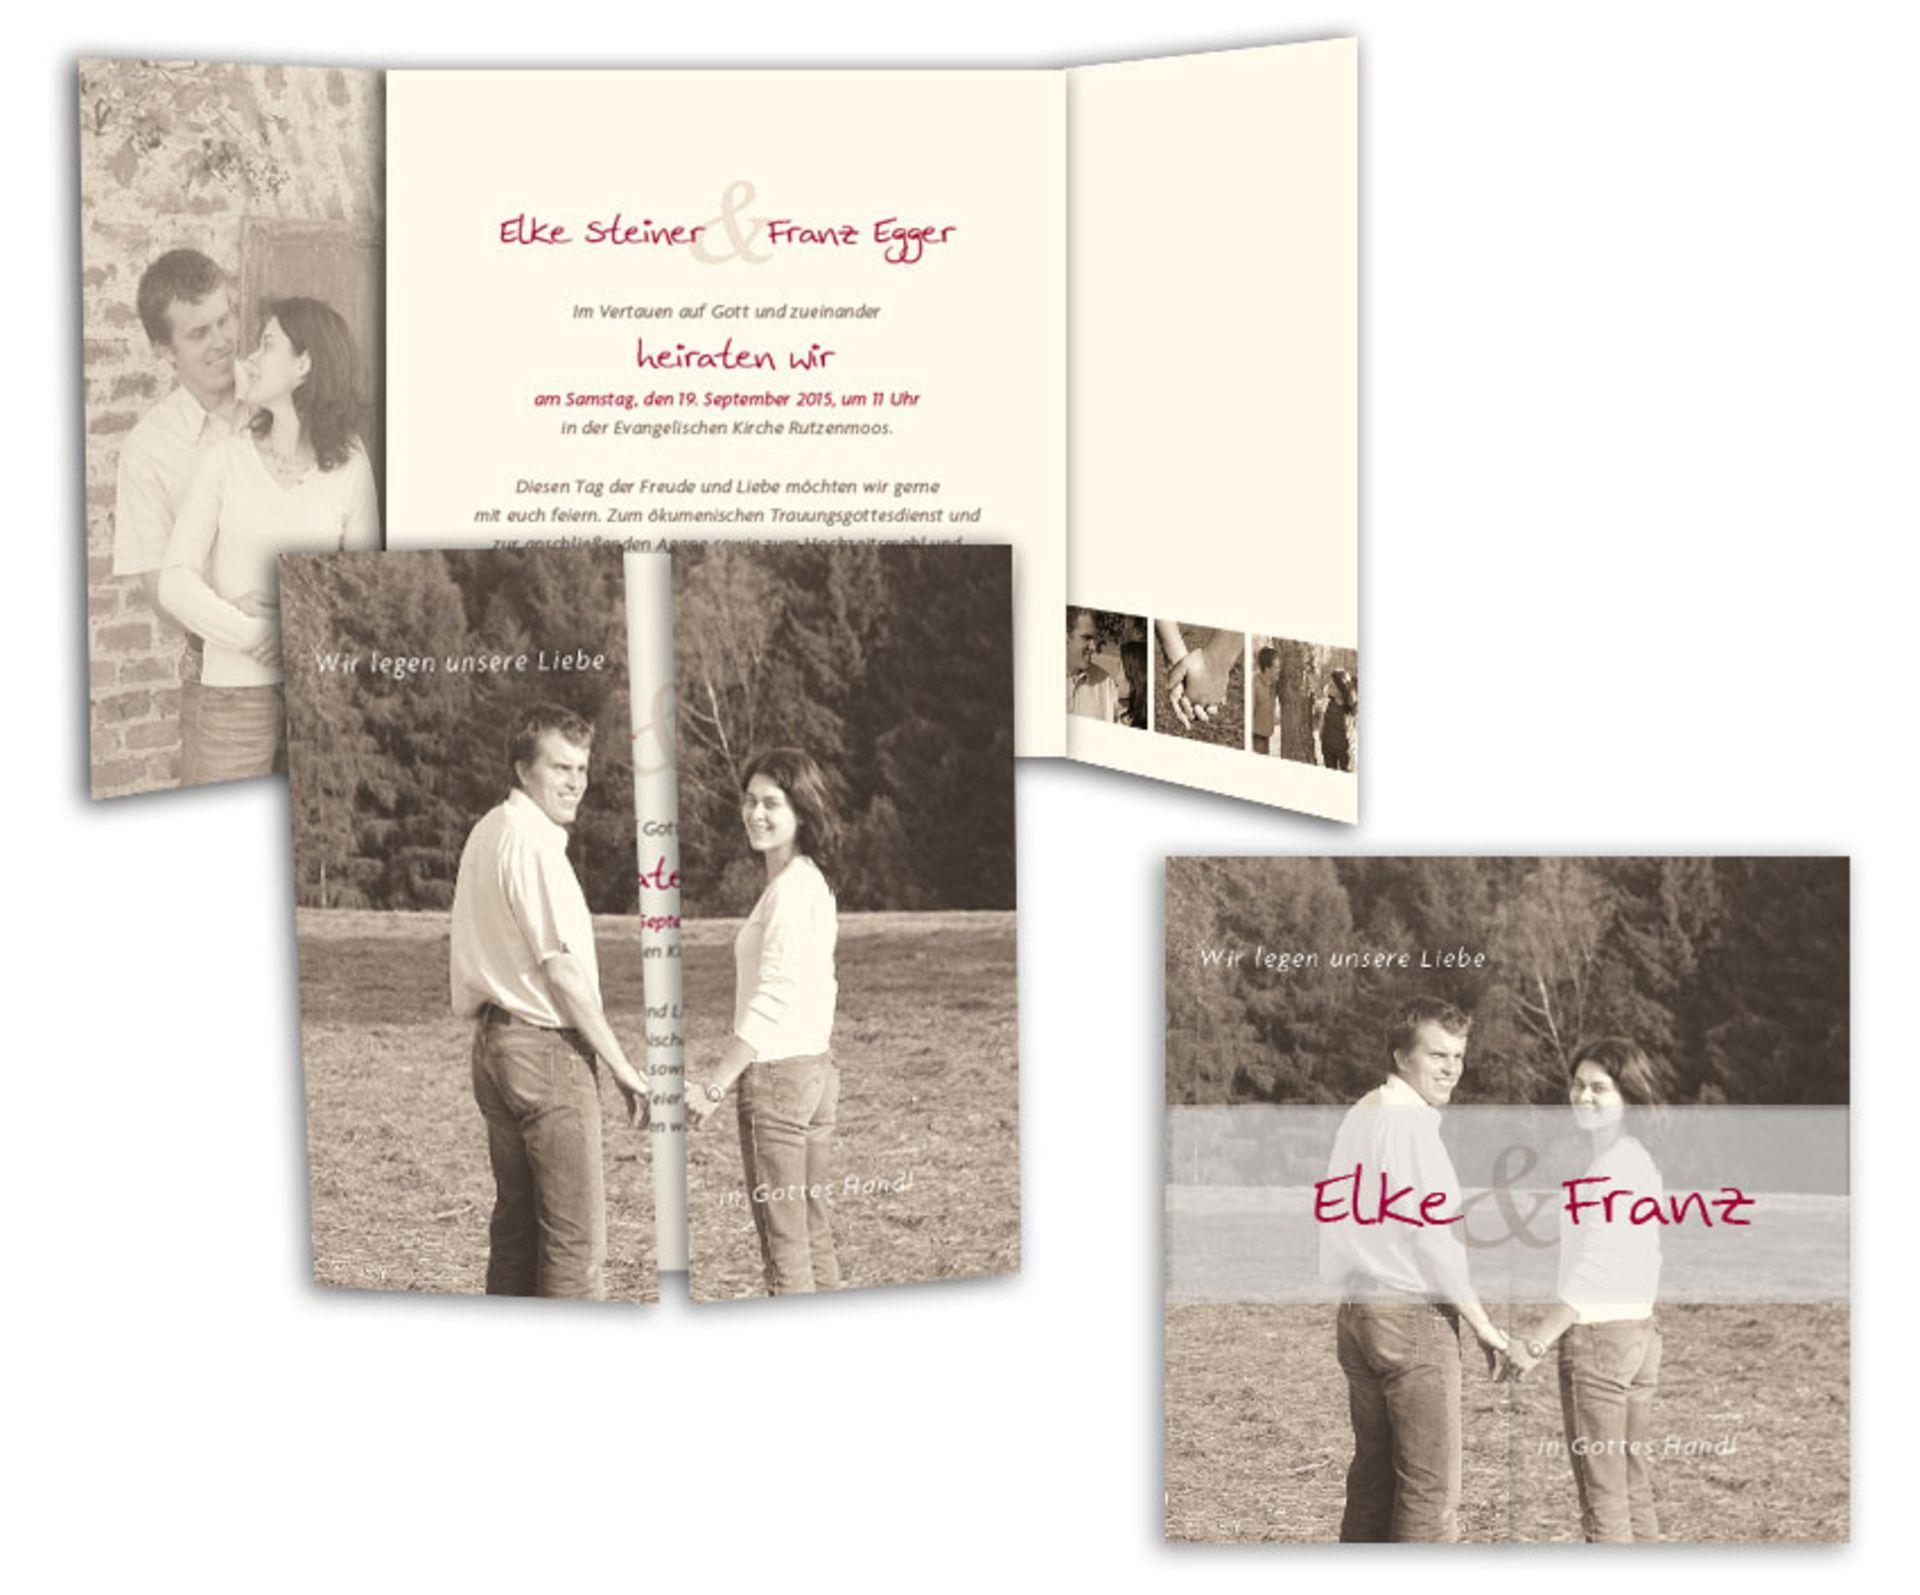 Hochzeitseinladungen mit Foto sind sehr persönlich und individuell